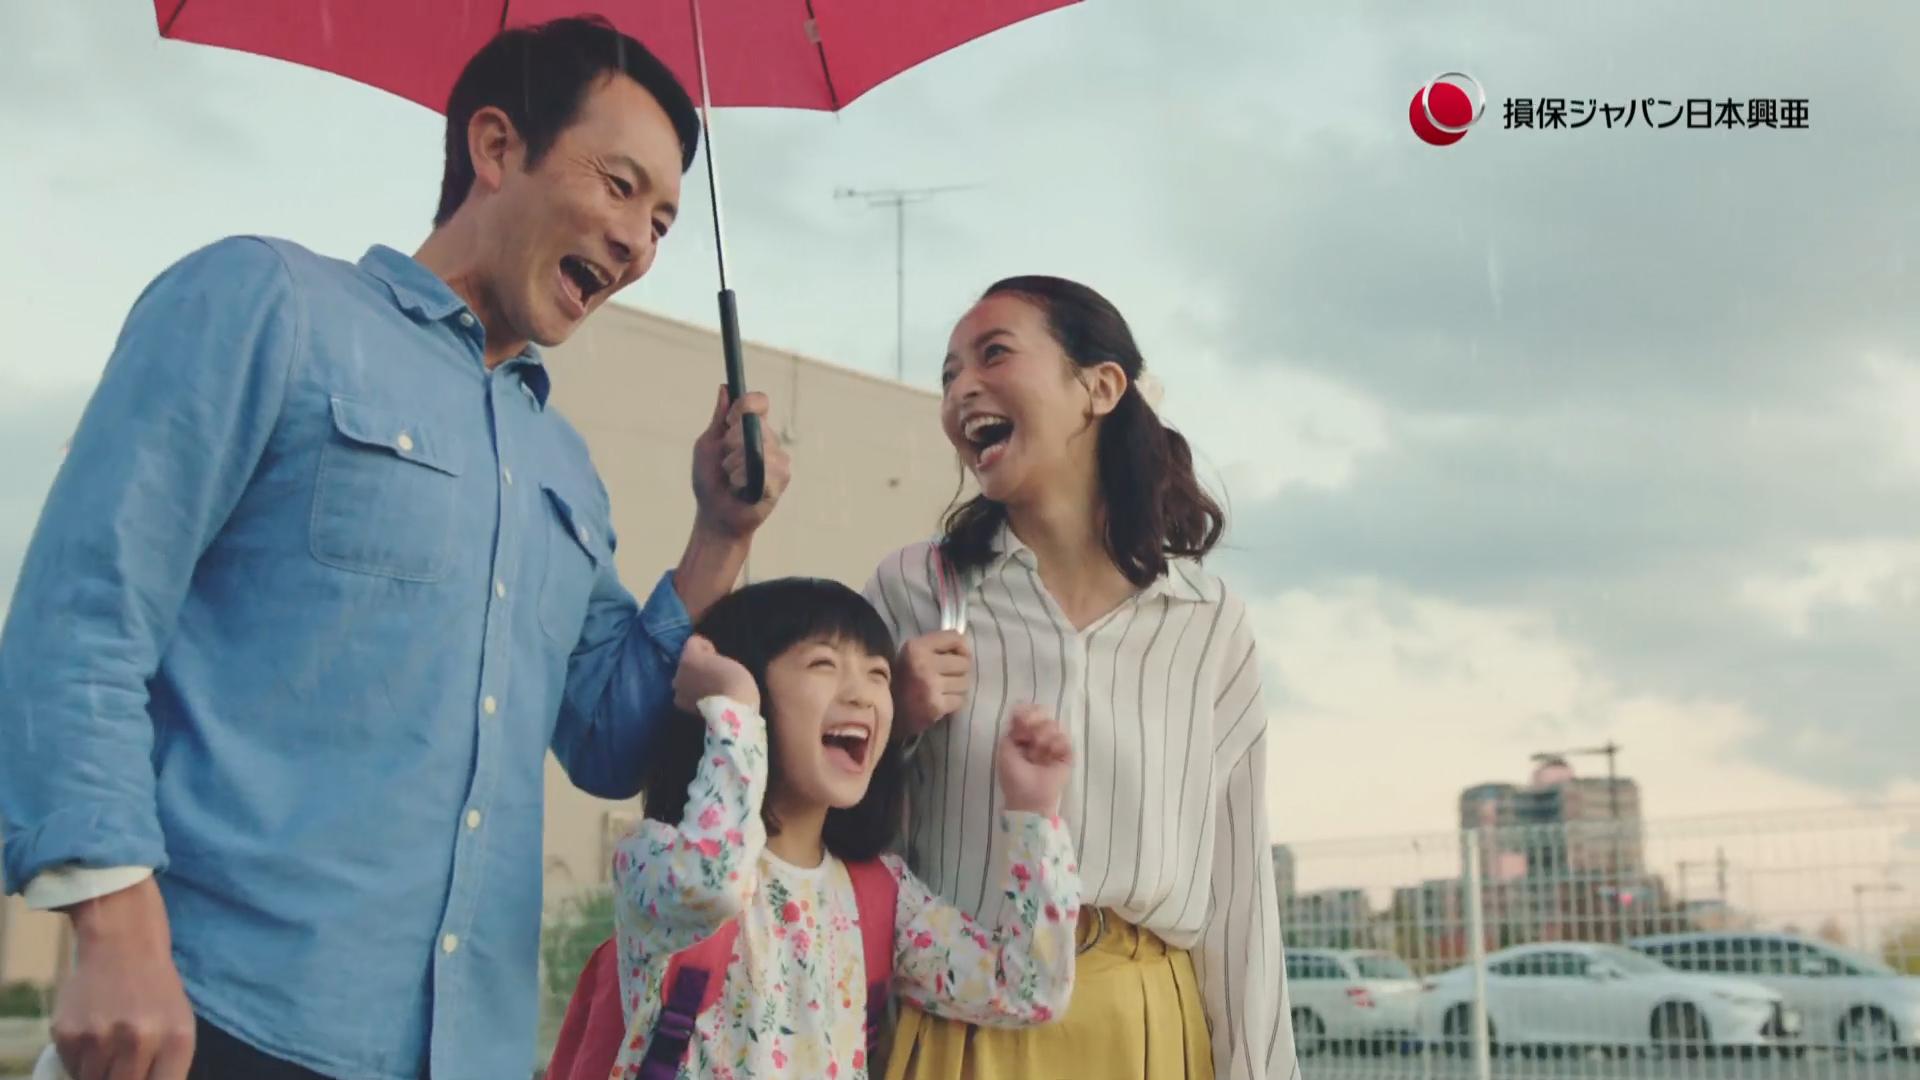 損害保険ジャパン日本興亜株式会社<br>「傘の花(災害対策本部・代理店篇)」